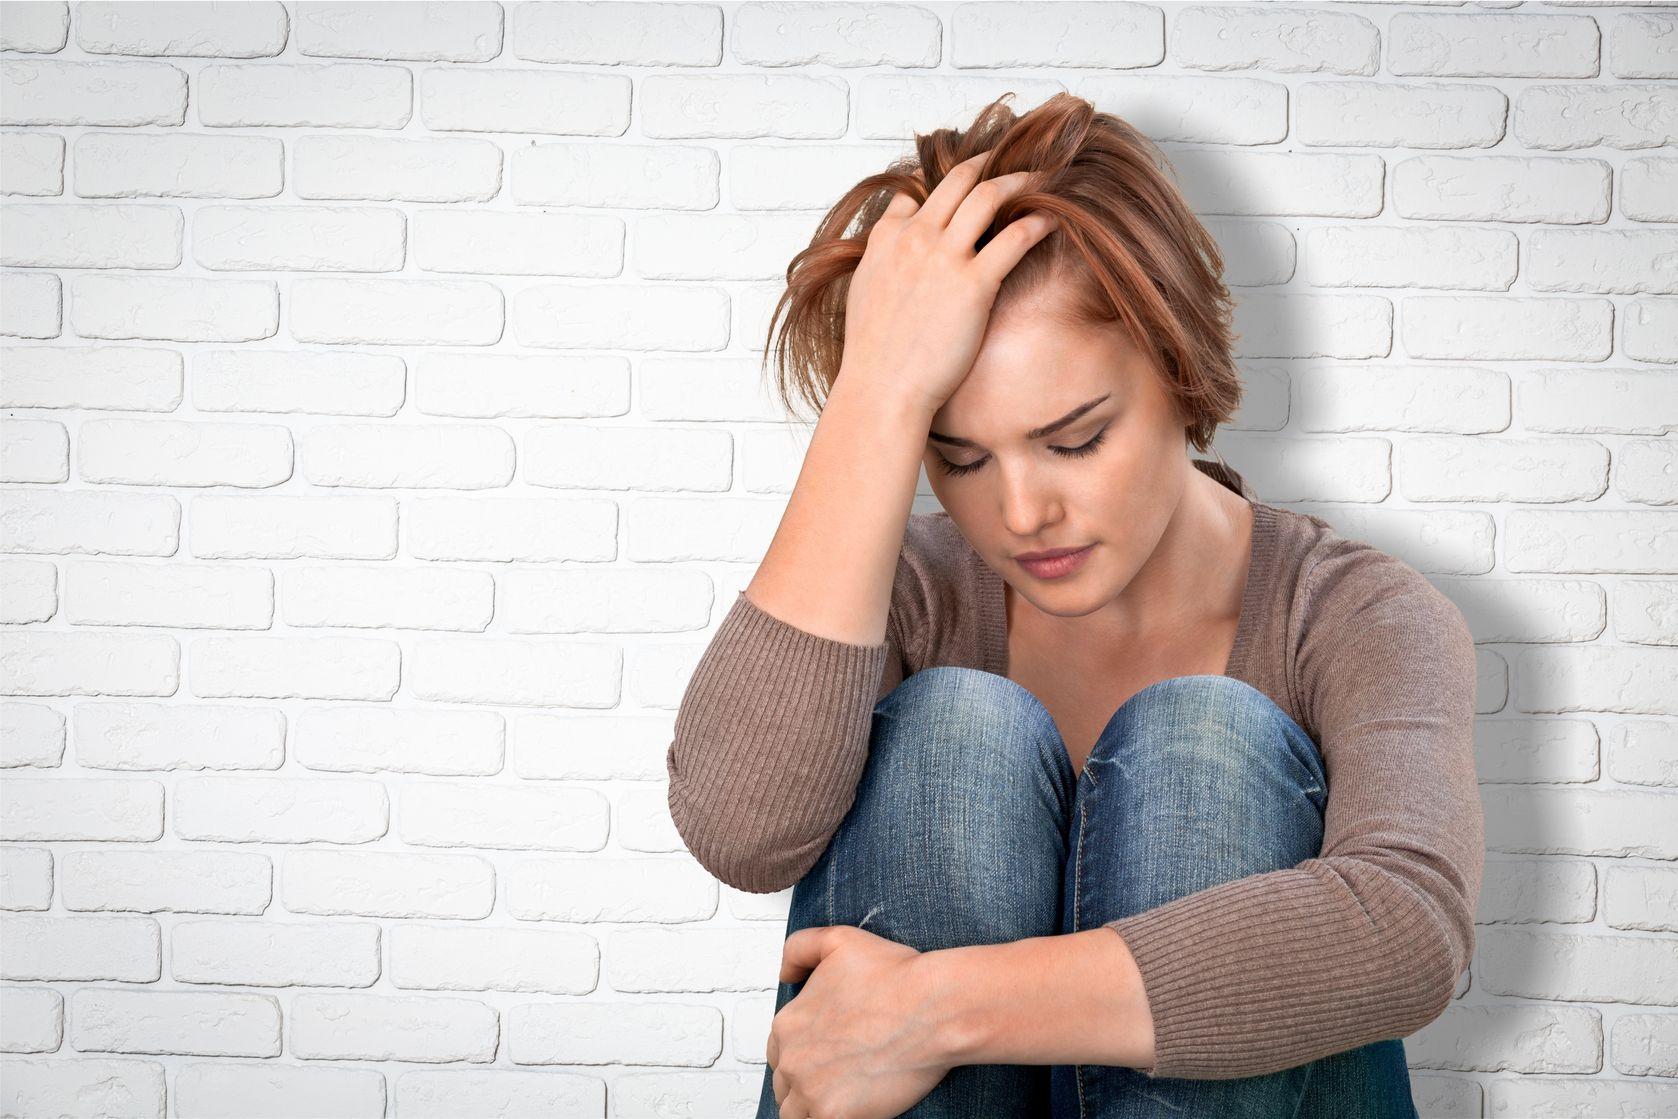 Как помочь мужчине избавиться от депрессии как помочь мужчине выйти из депрессии: особенности психического расстройства и рекомендации близким